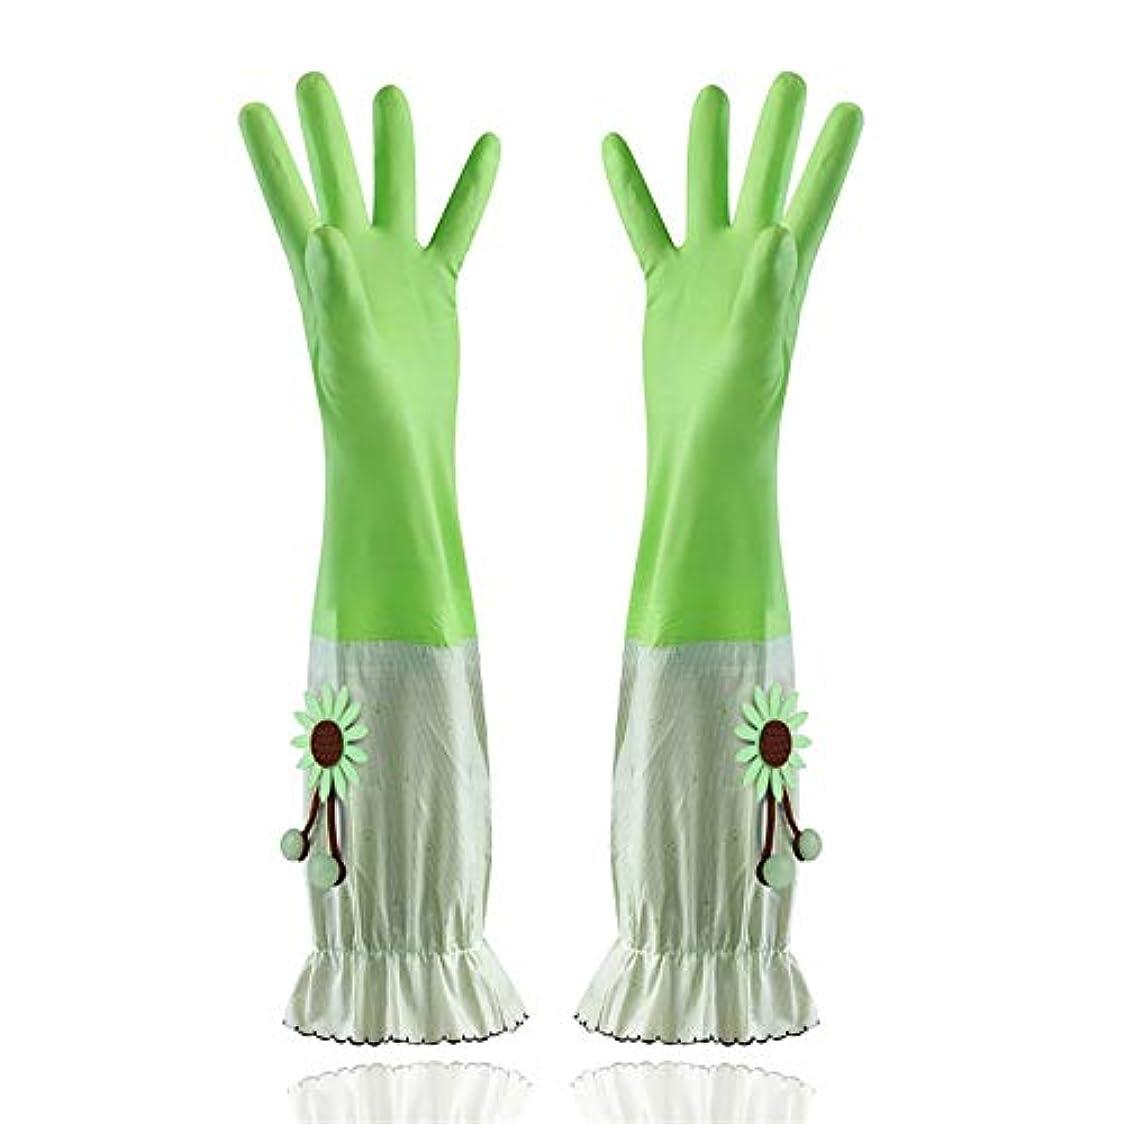 夕食を作るトライアスロン毎日ニトリルゴム手袋 家庭用手袋防水性と耐久性のあるラテックス厚手PVC手袋 使い捨て手袋 (Color : Green, Size : L)